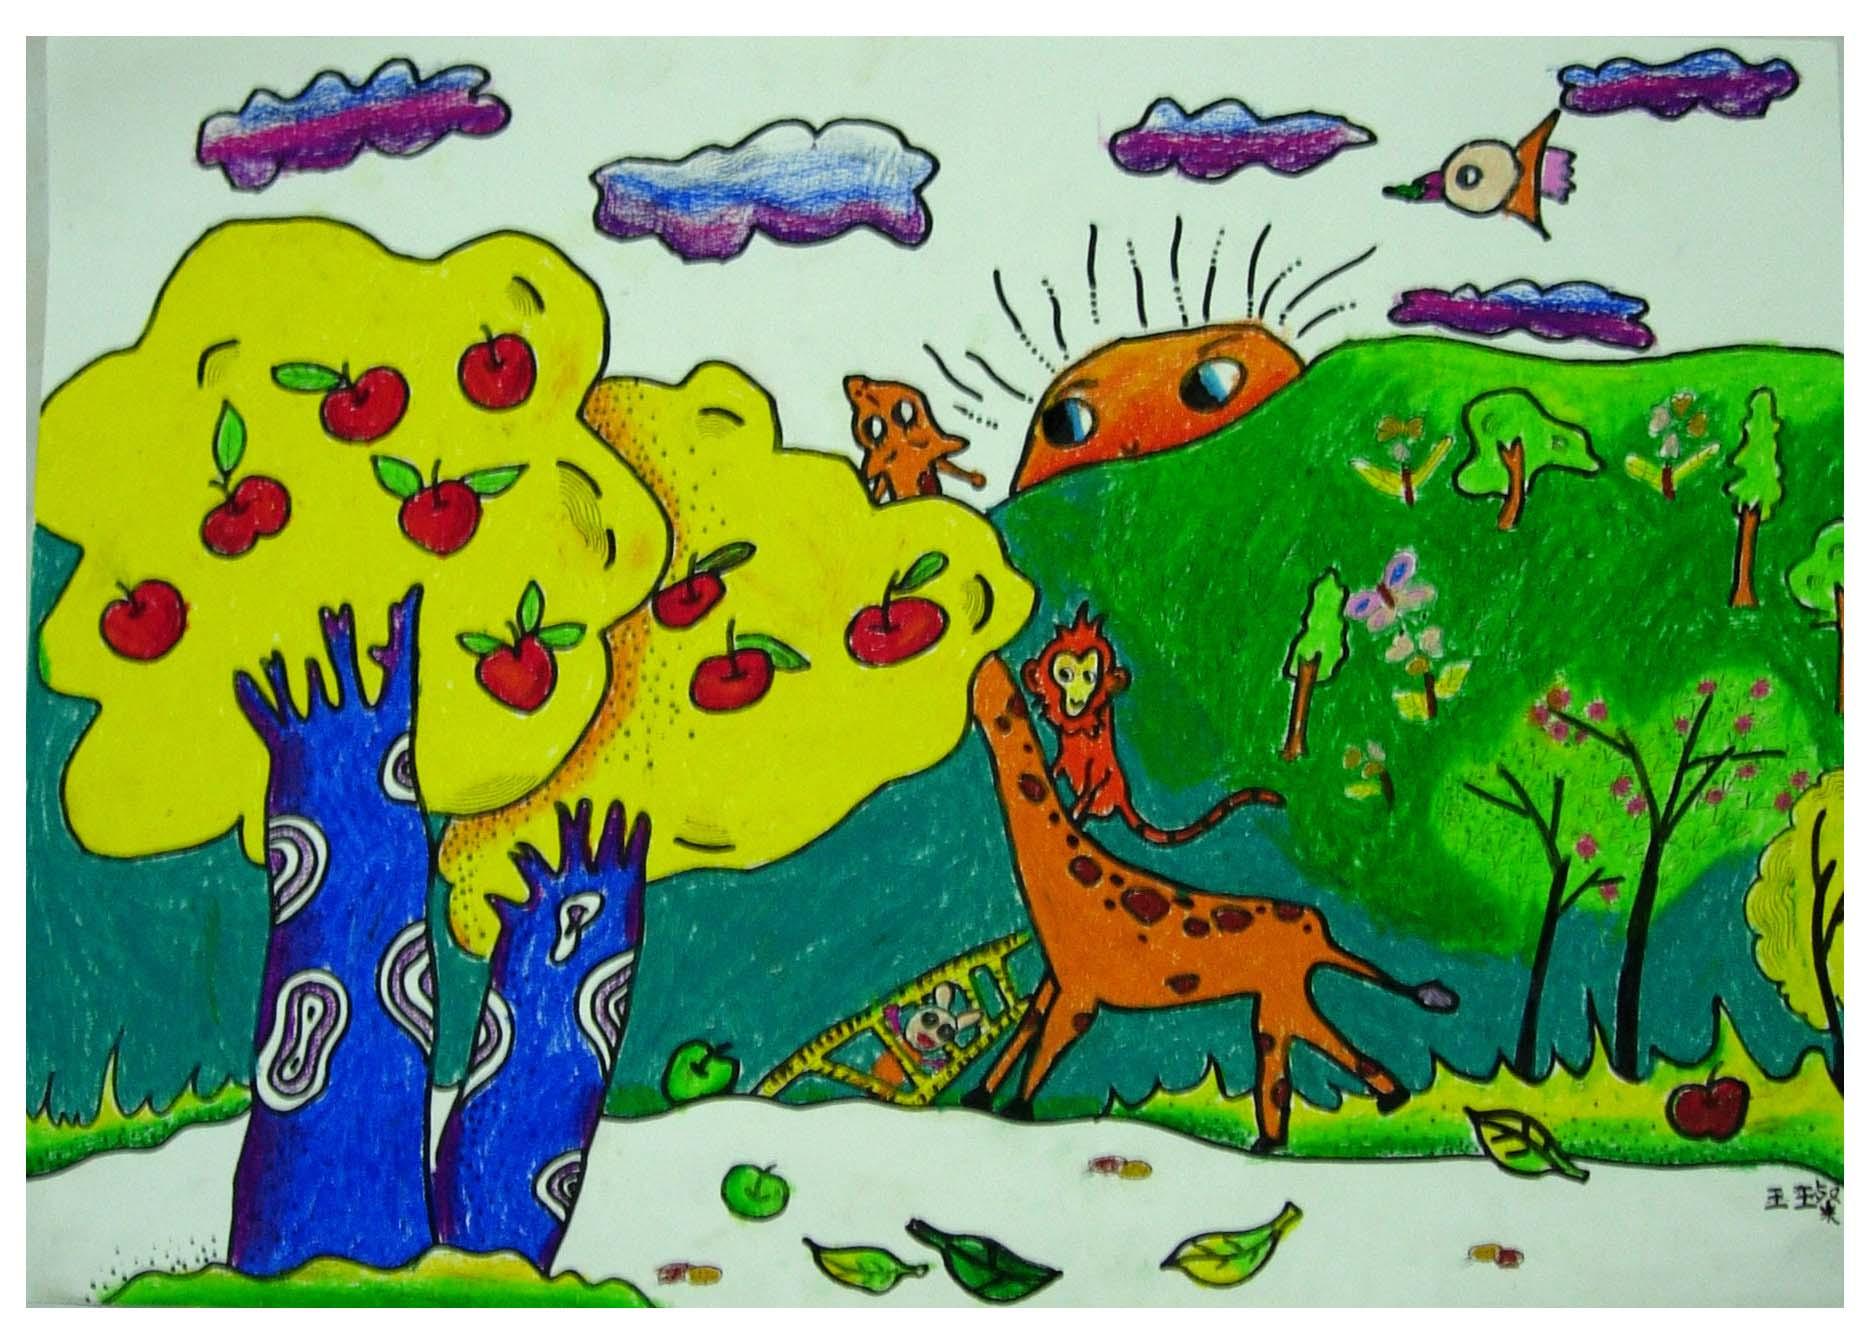 关于医生的画像儿童画龙的画法儿童画儿童画龙的图片